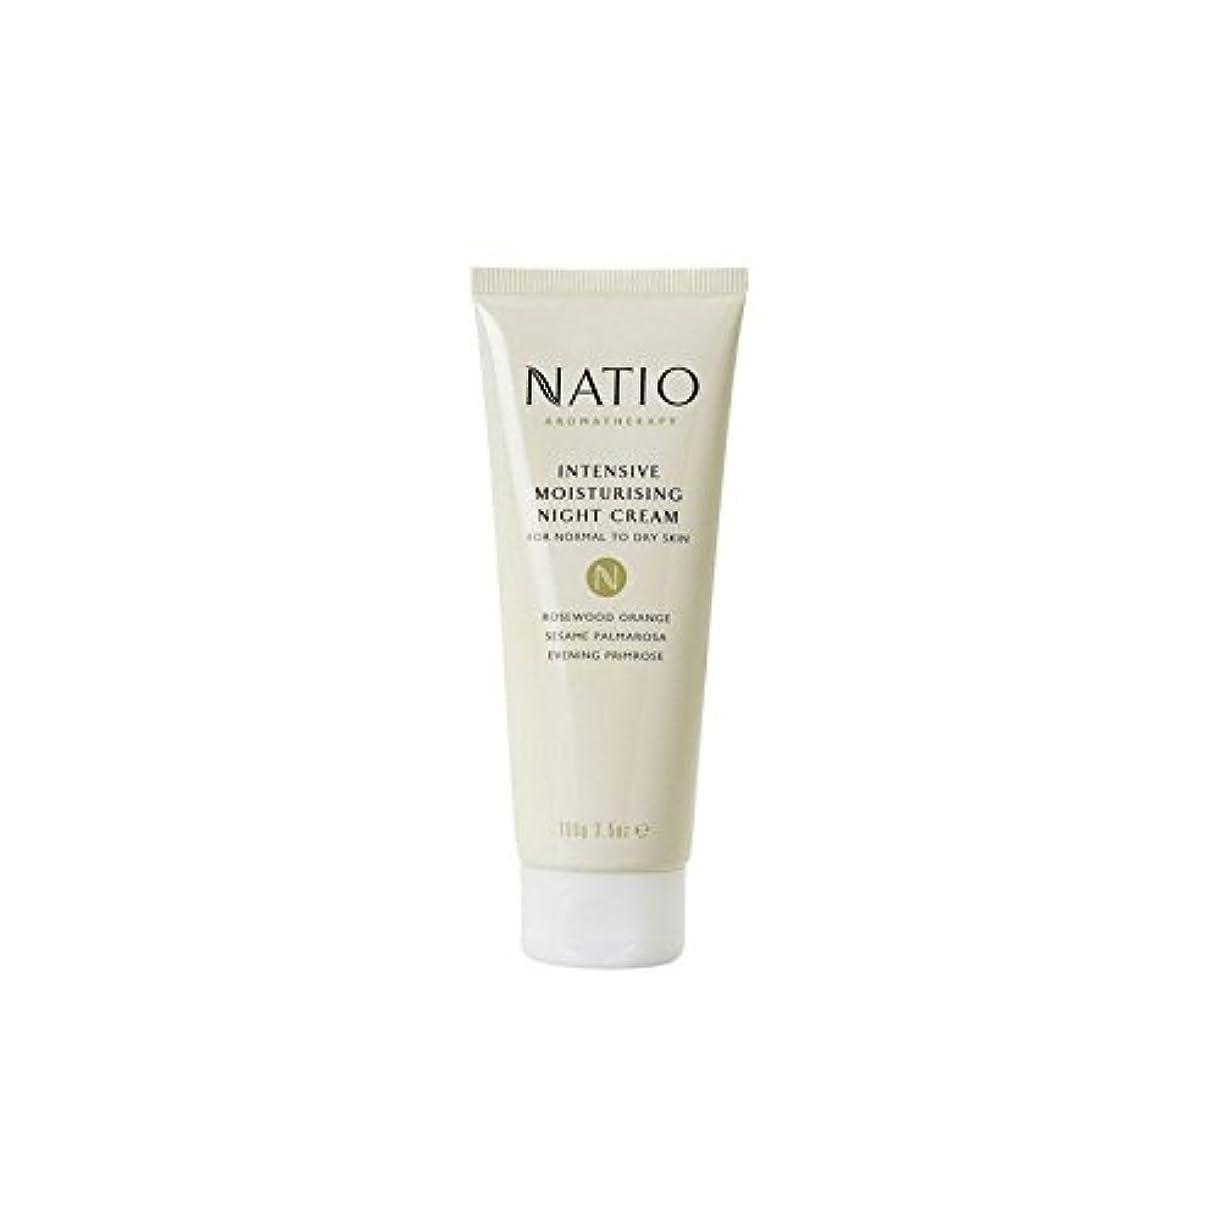 公平傾向があります傾向があります集中的な保湿ナイトクリーム(100グラム) x2 - Natio Intensive Moisturising Night Cream (100G) (Pack of 2) [並行輸入品]